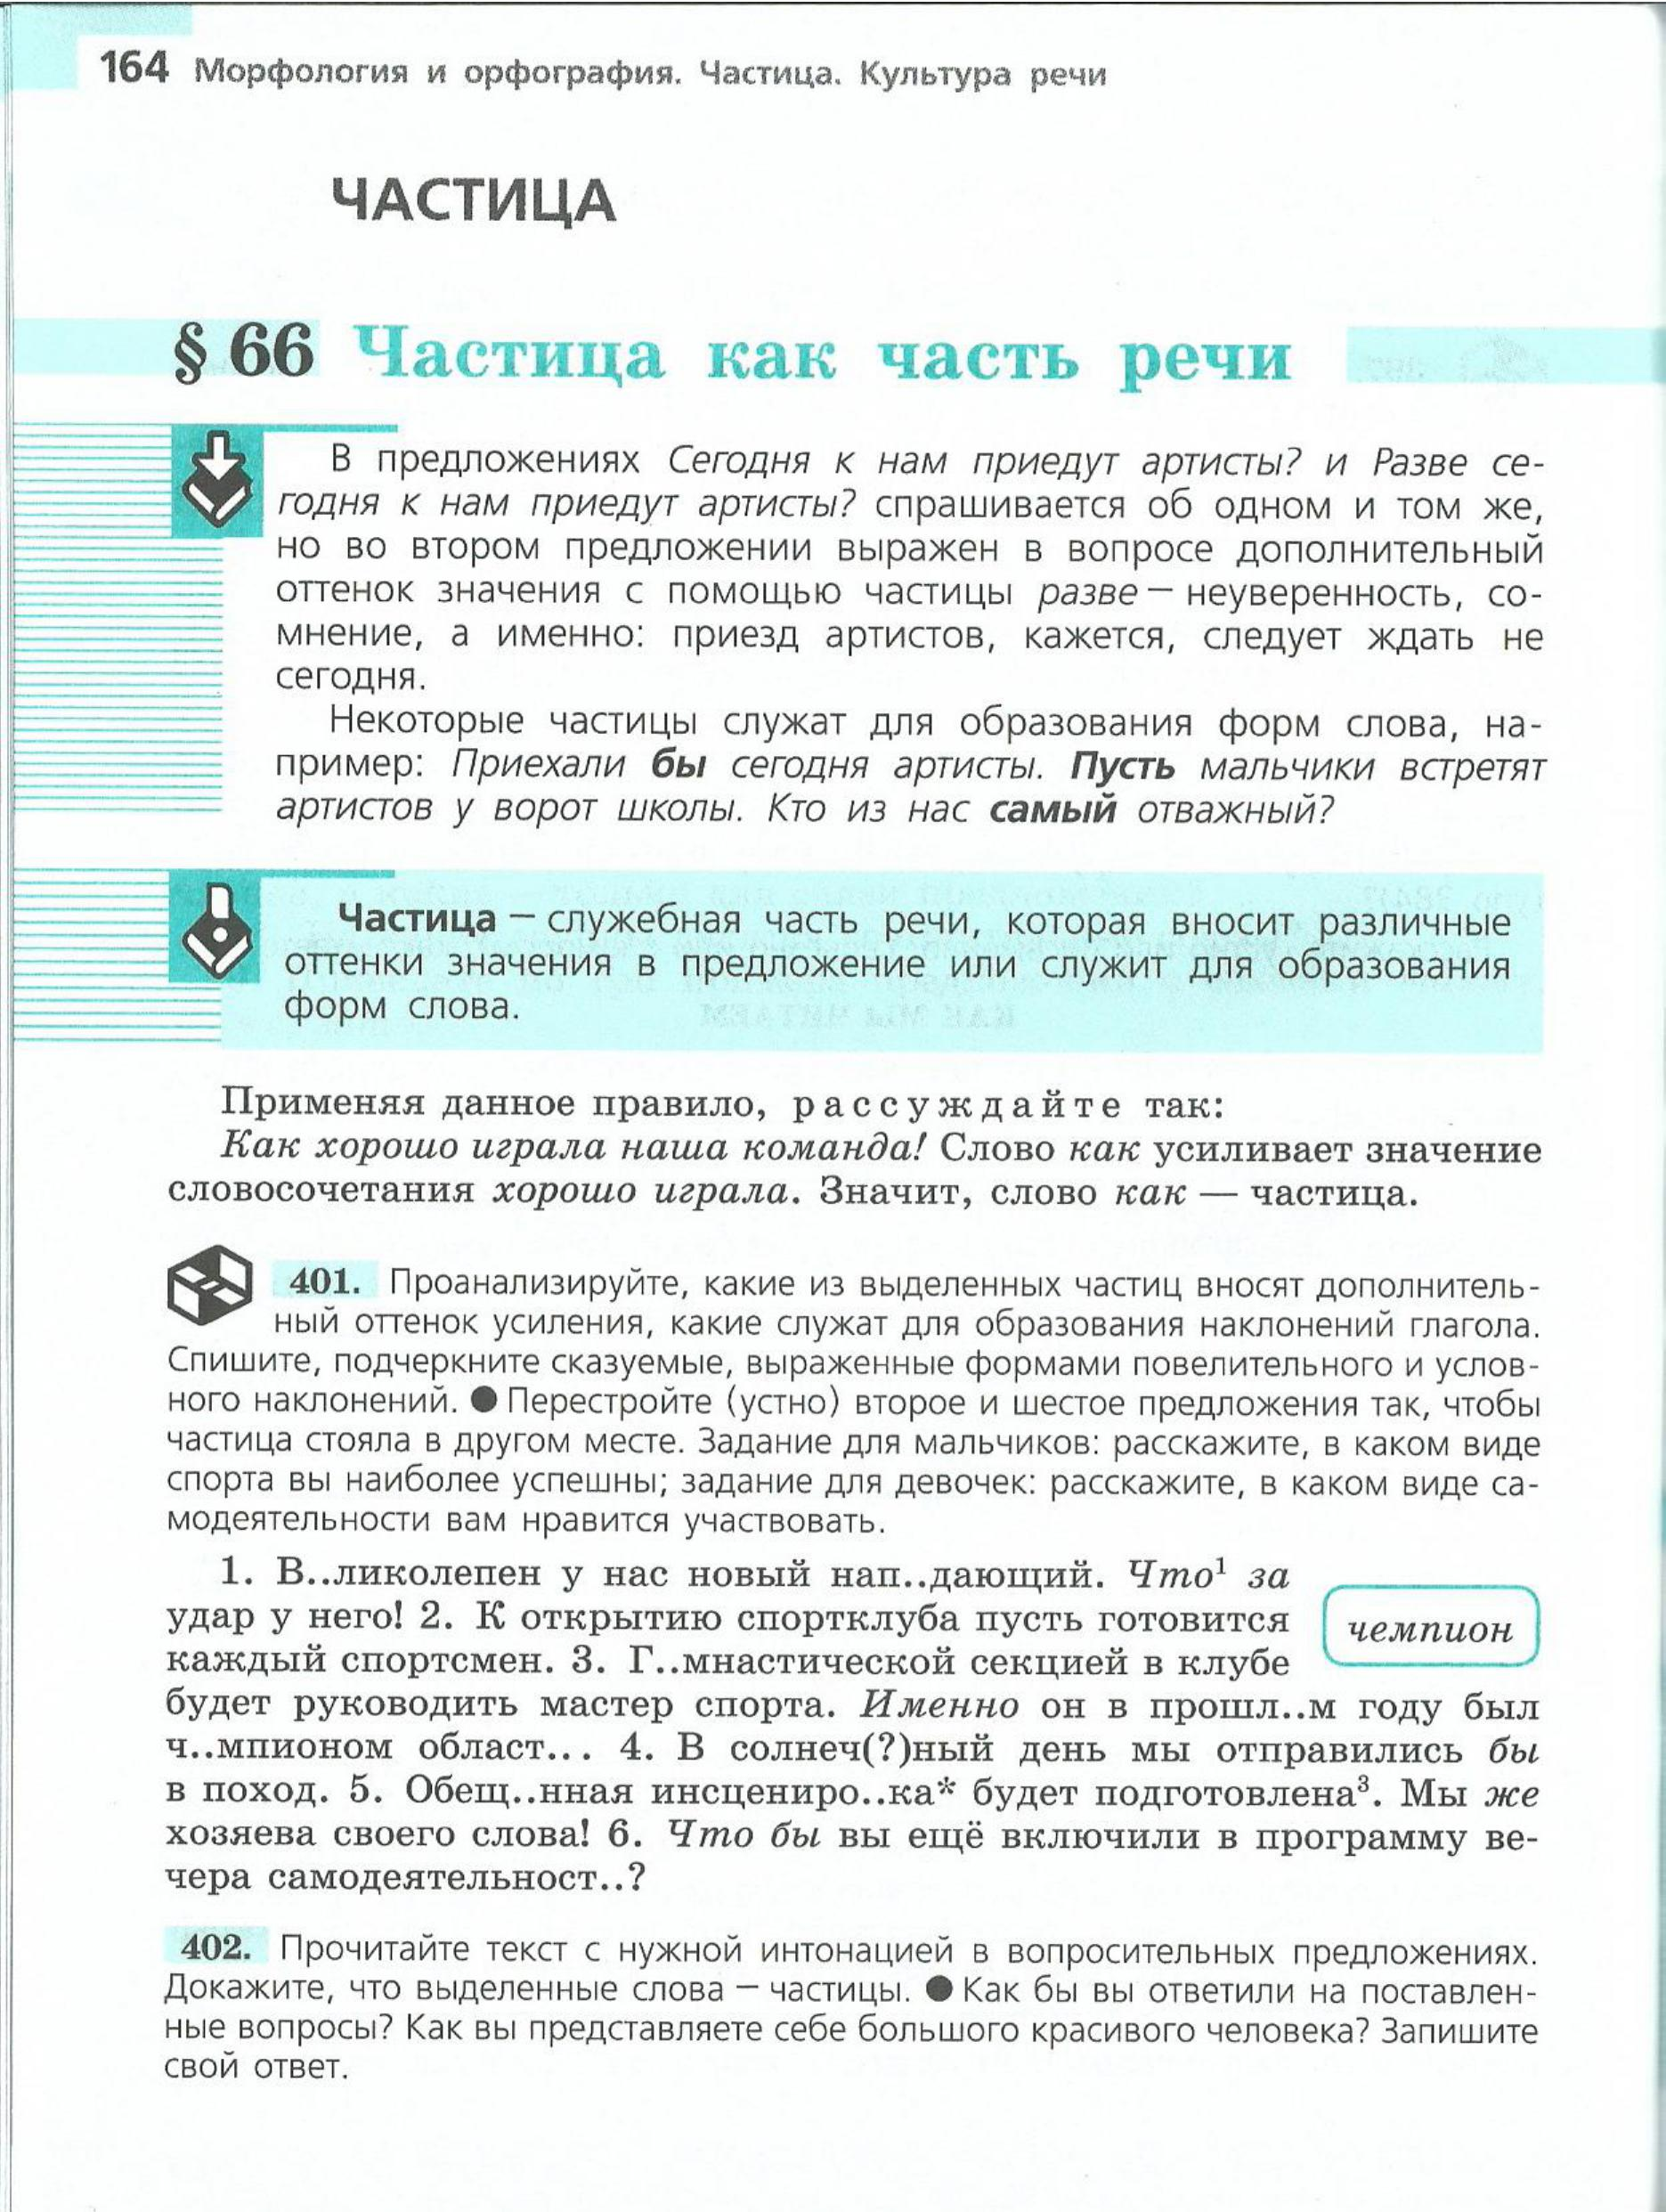 Что такое частица в русском языке